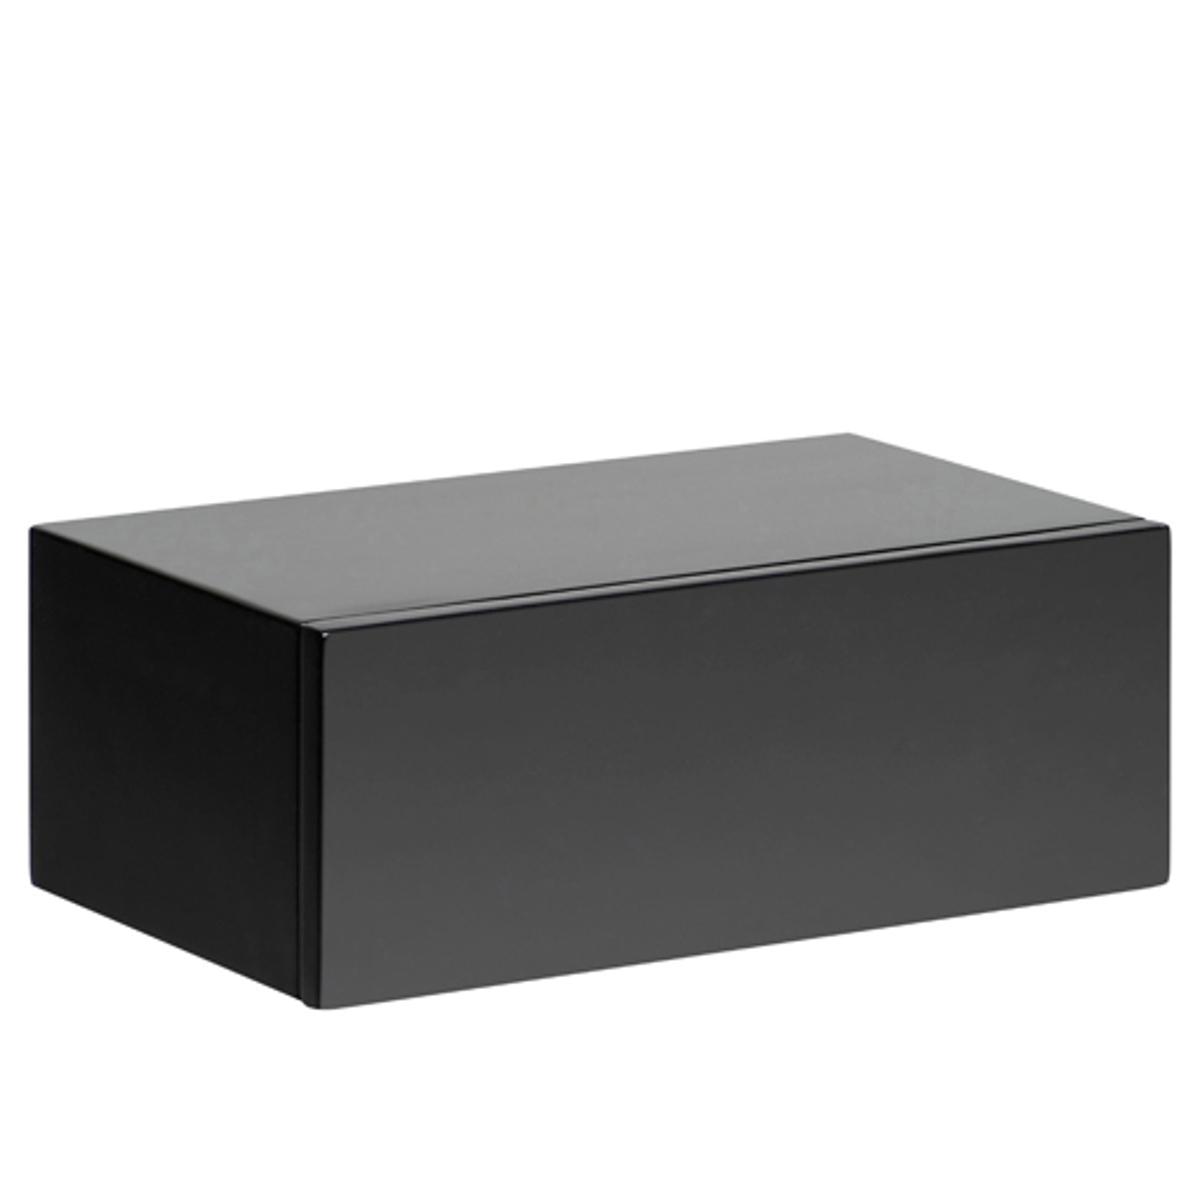 Тумба прикроватная - шкафчик Vesper, 3 отделкиЭту тумбу-шкафчик (или несколько тумб в ряд) можно повесить на стену.МДФ с лаковым покрытием- нитроцеллюлоза и полиуретан (модель под покраску из массива сосны). Размеры  : Шир..40 x Гл.25 x.15 см..<br><br>Цвет: под покраску,черный